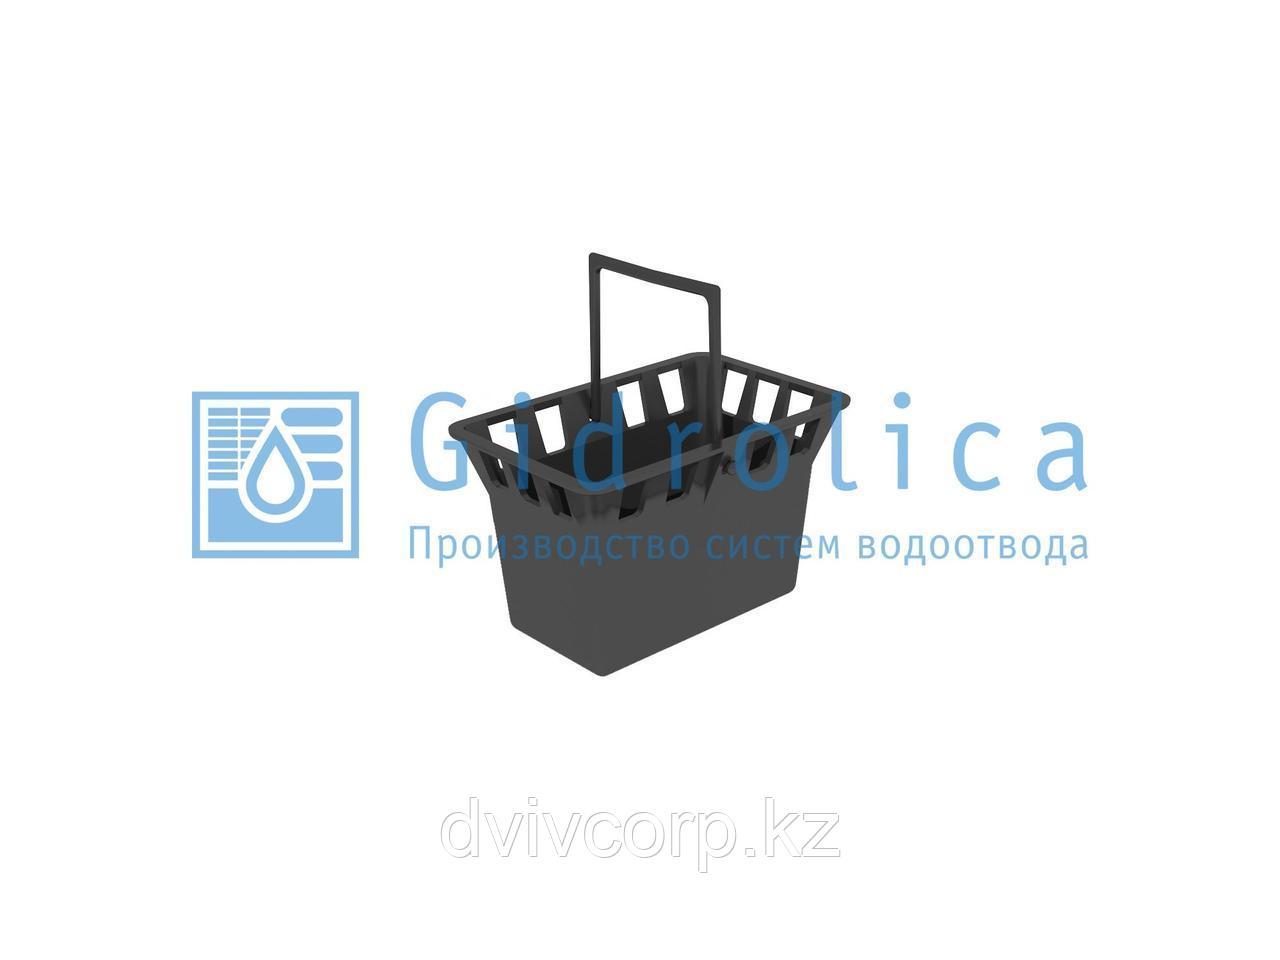 Арт. 215 Корзина для дождеприемника Gidrolica Point 30.30 - пластиковая